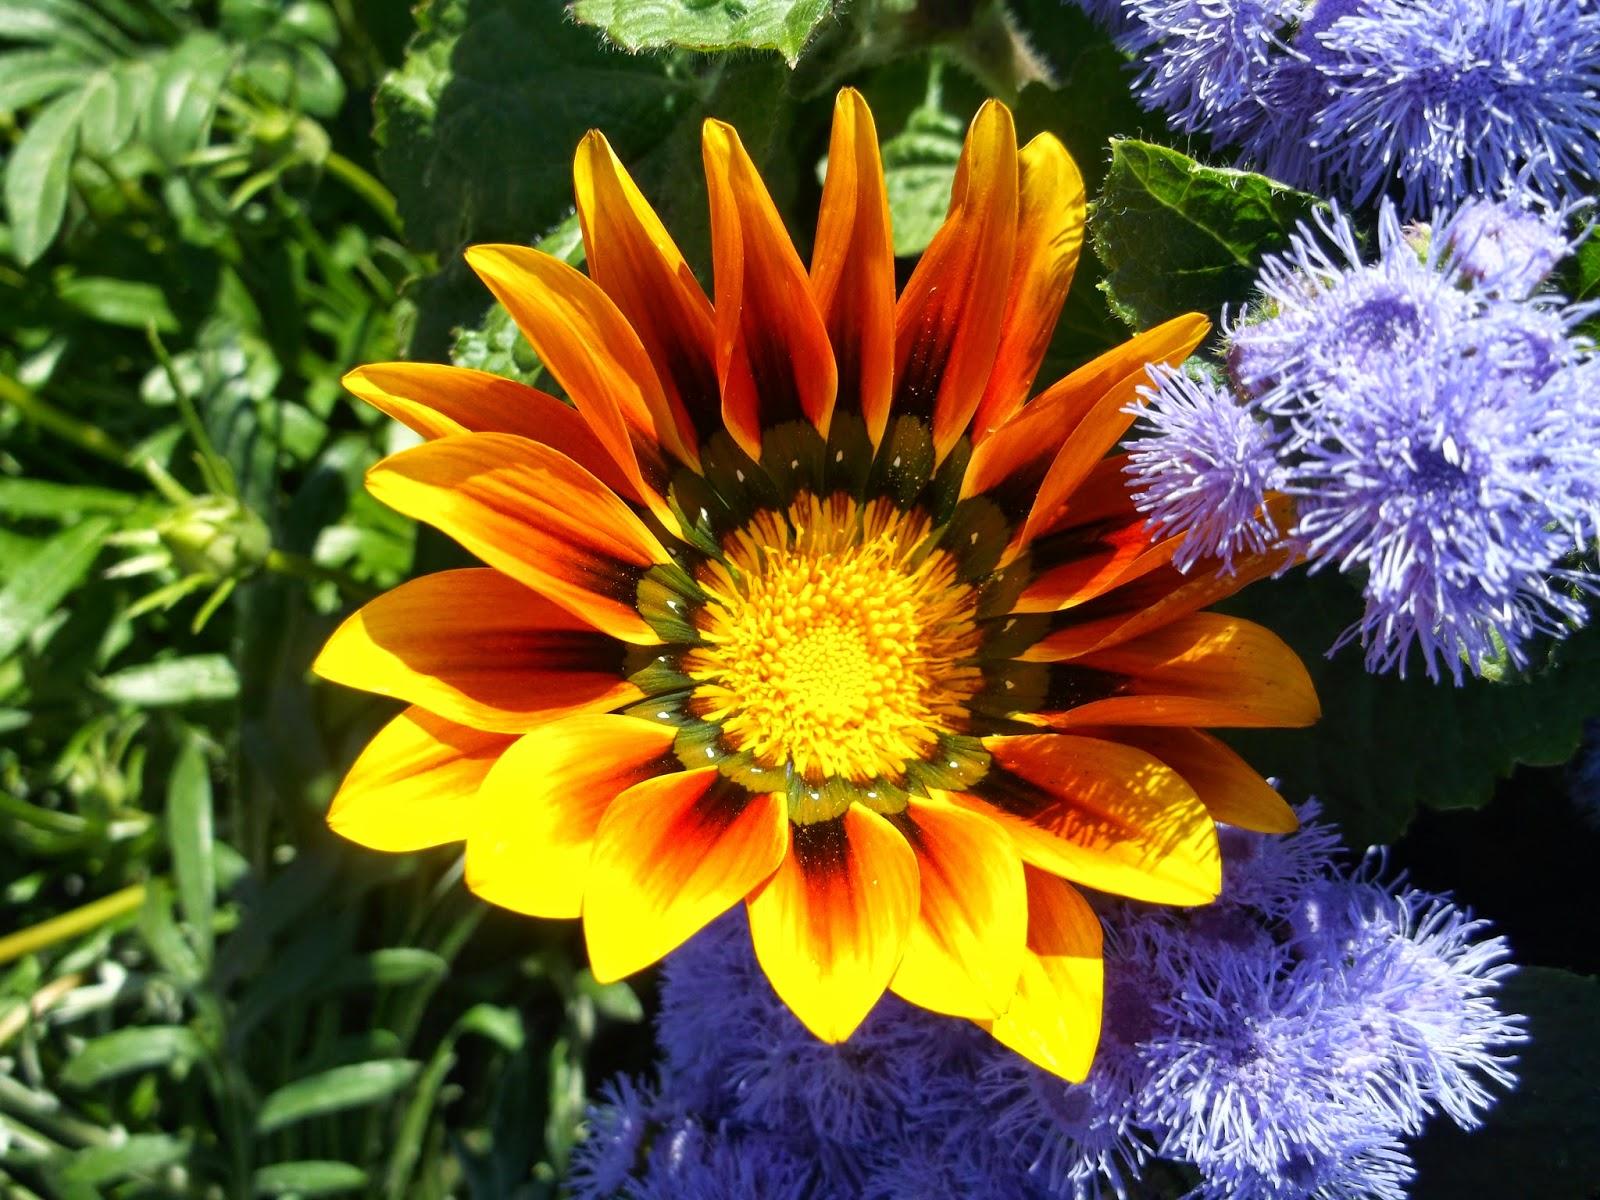 Картинки садовых цветов по алфавиту с фото